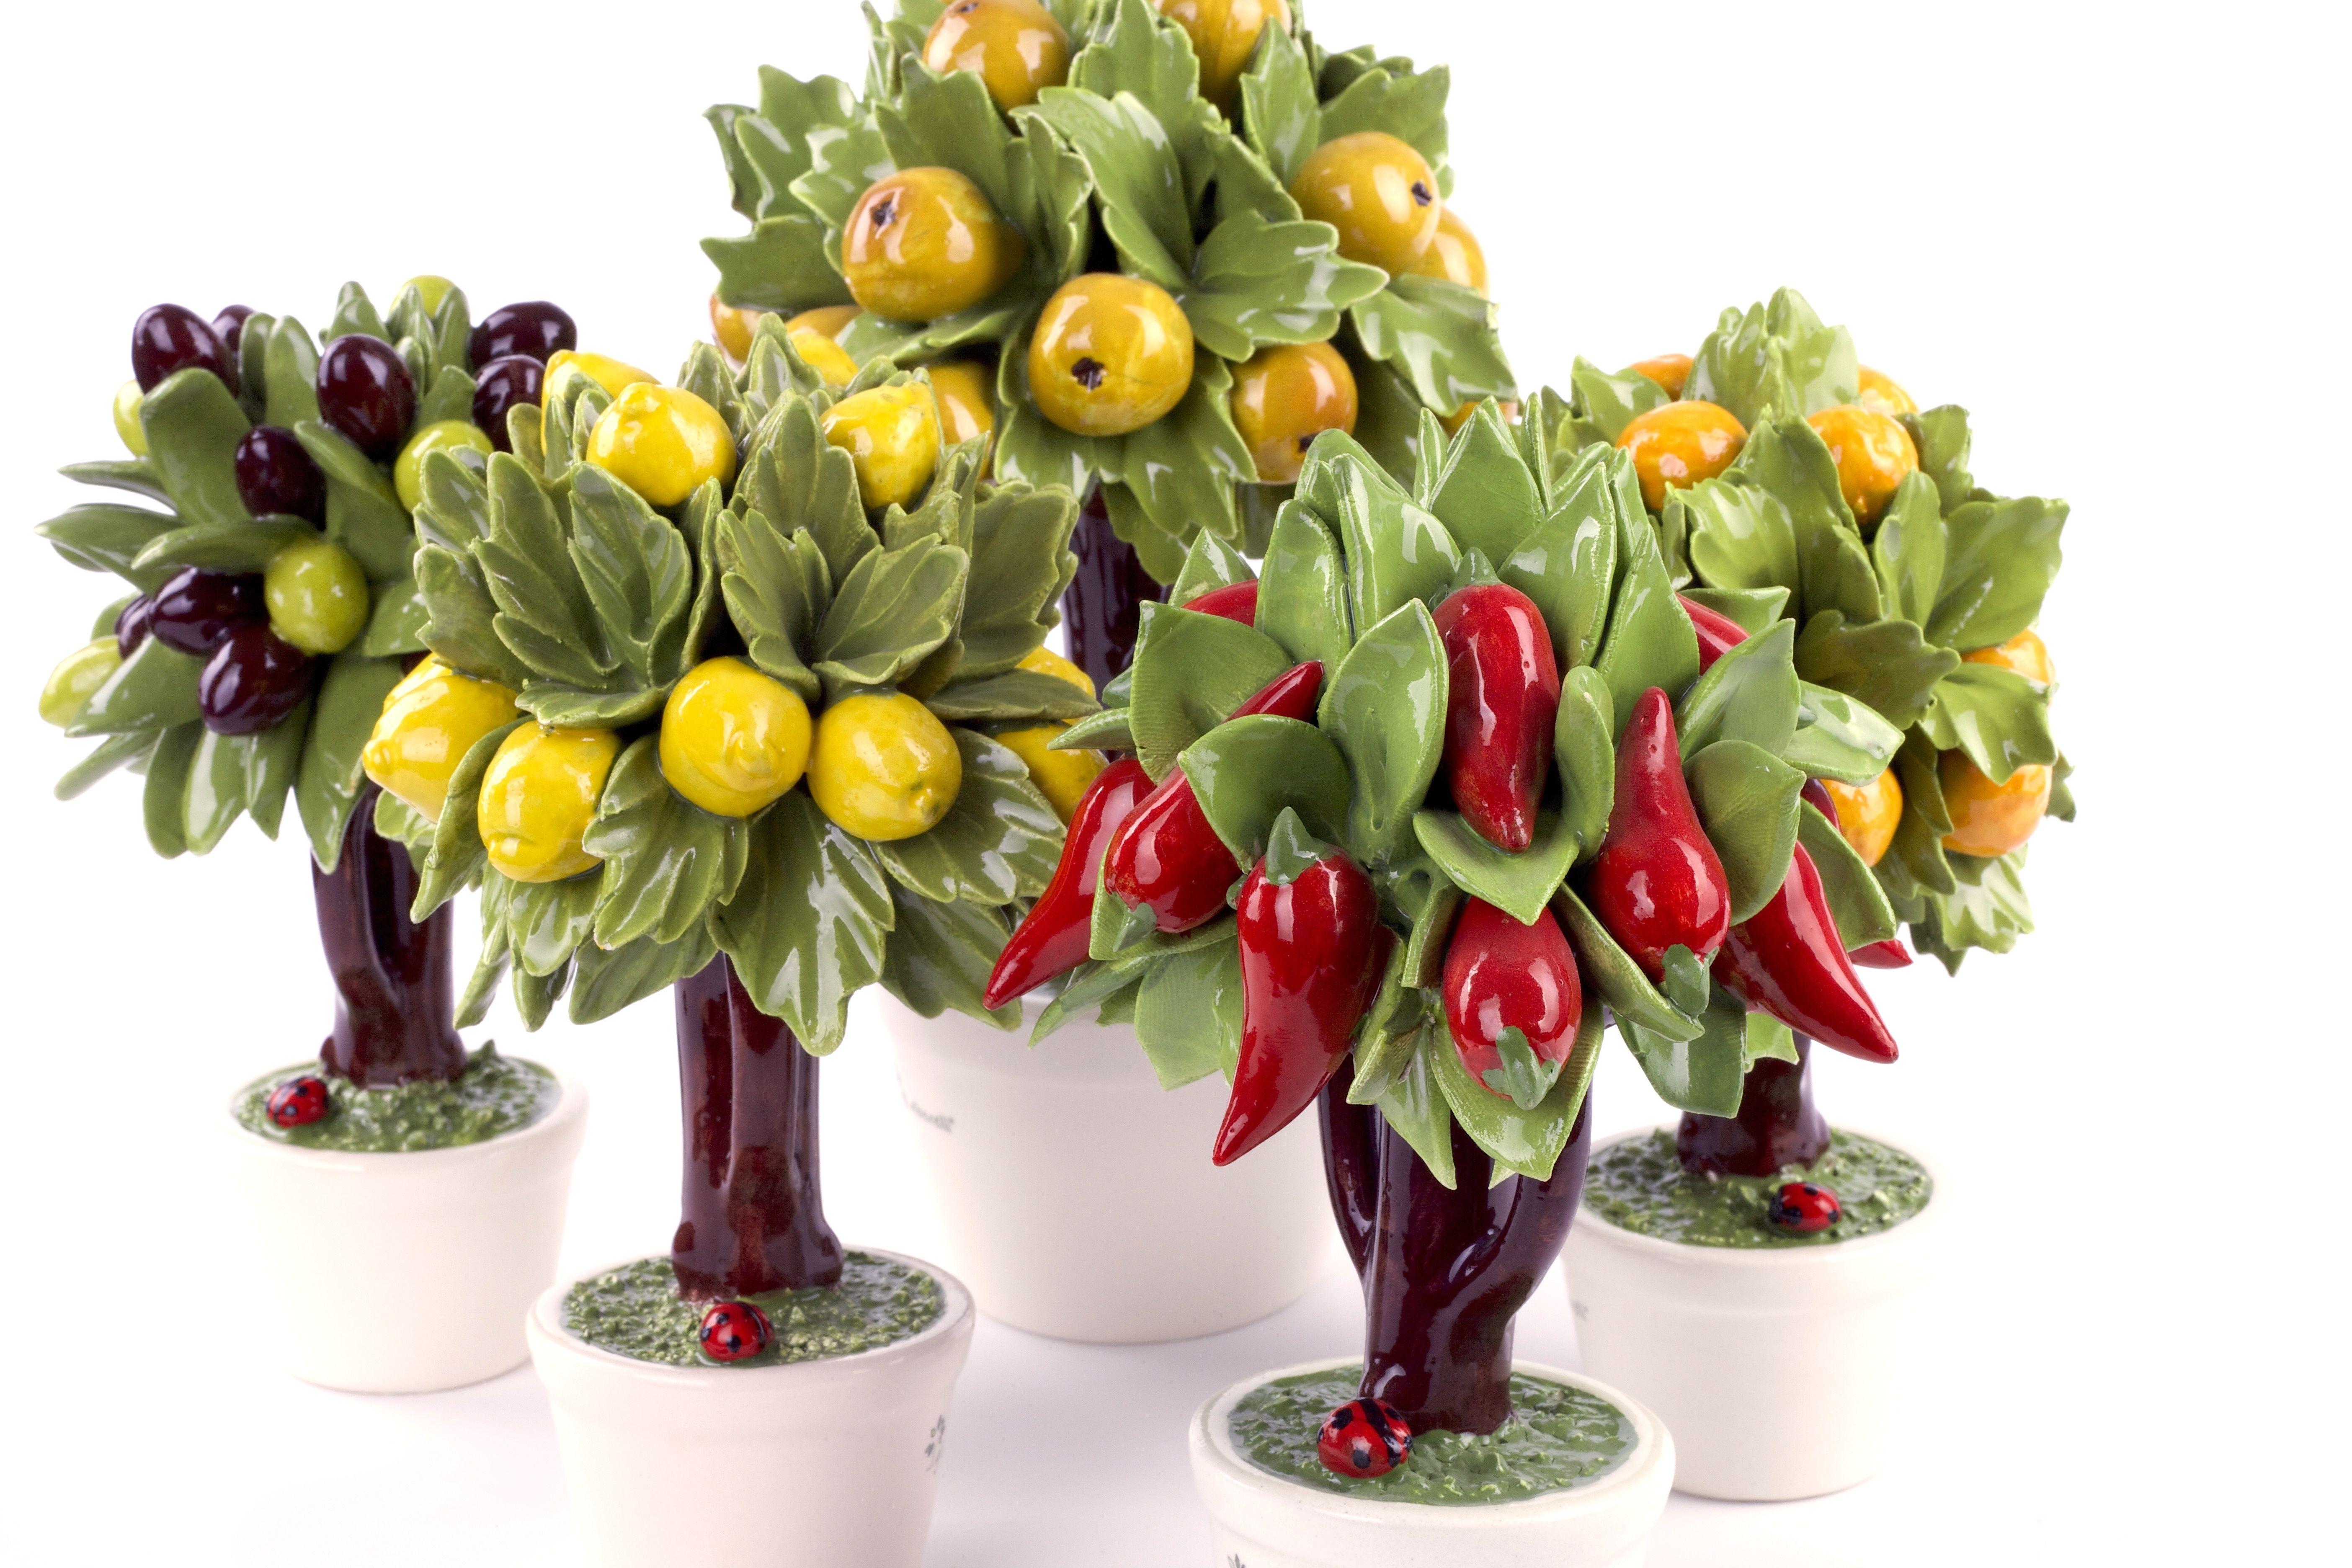 Giardino di alberelli gli alberelli pinterest for Alberelli per giardino